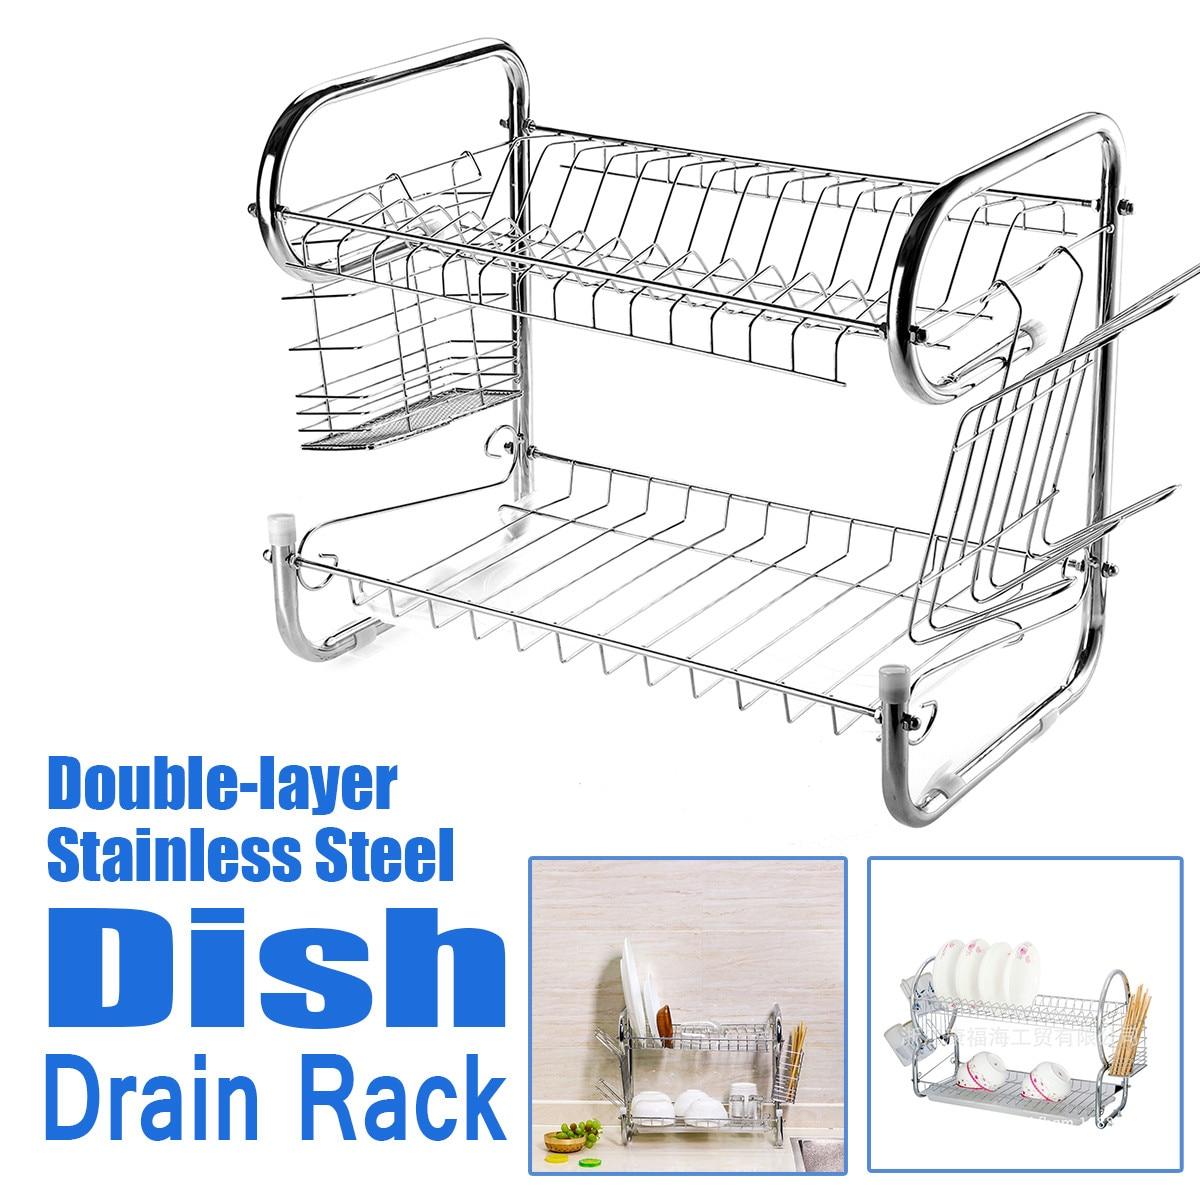 多機能 2 一層食器乾燥ラックホルダーバスケットステンレス鋼ホームキッチンシンク水切り乾燥ラックオーガナイザー